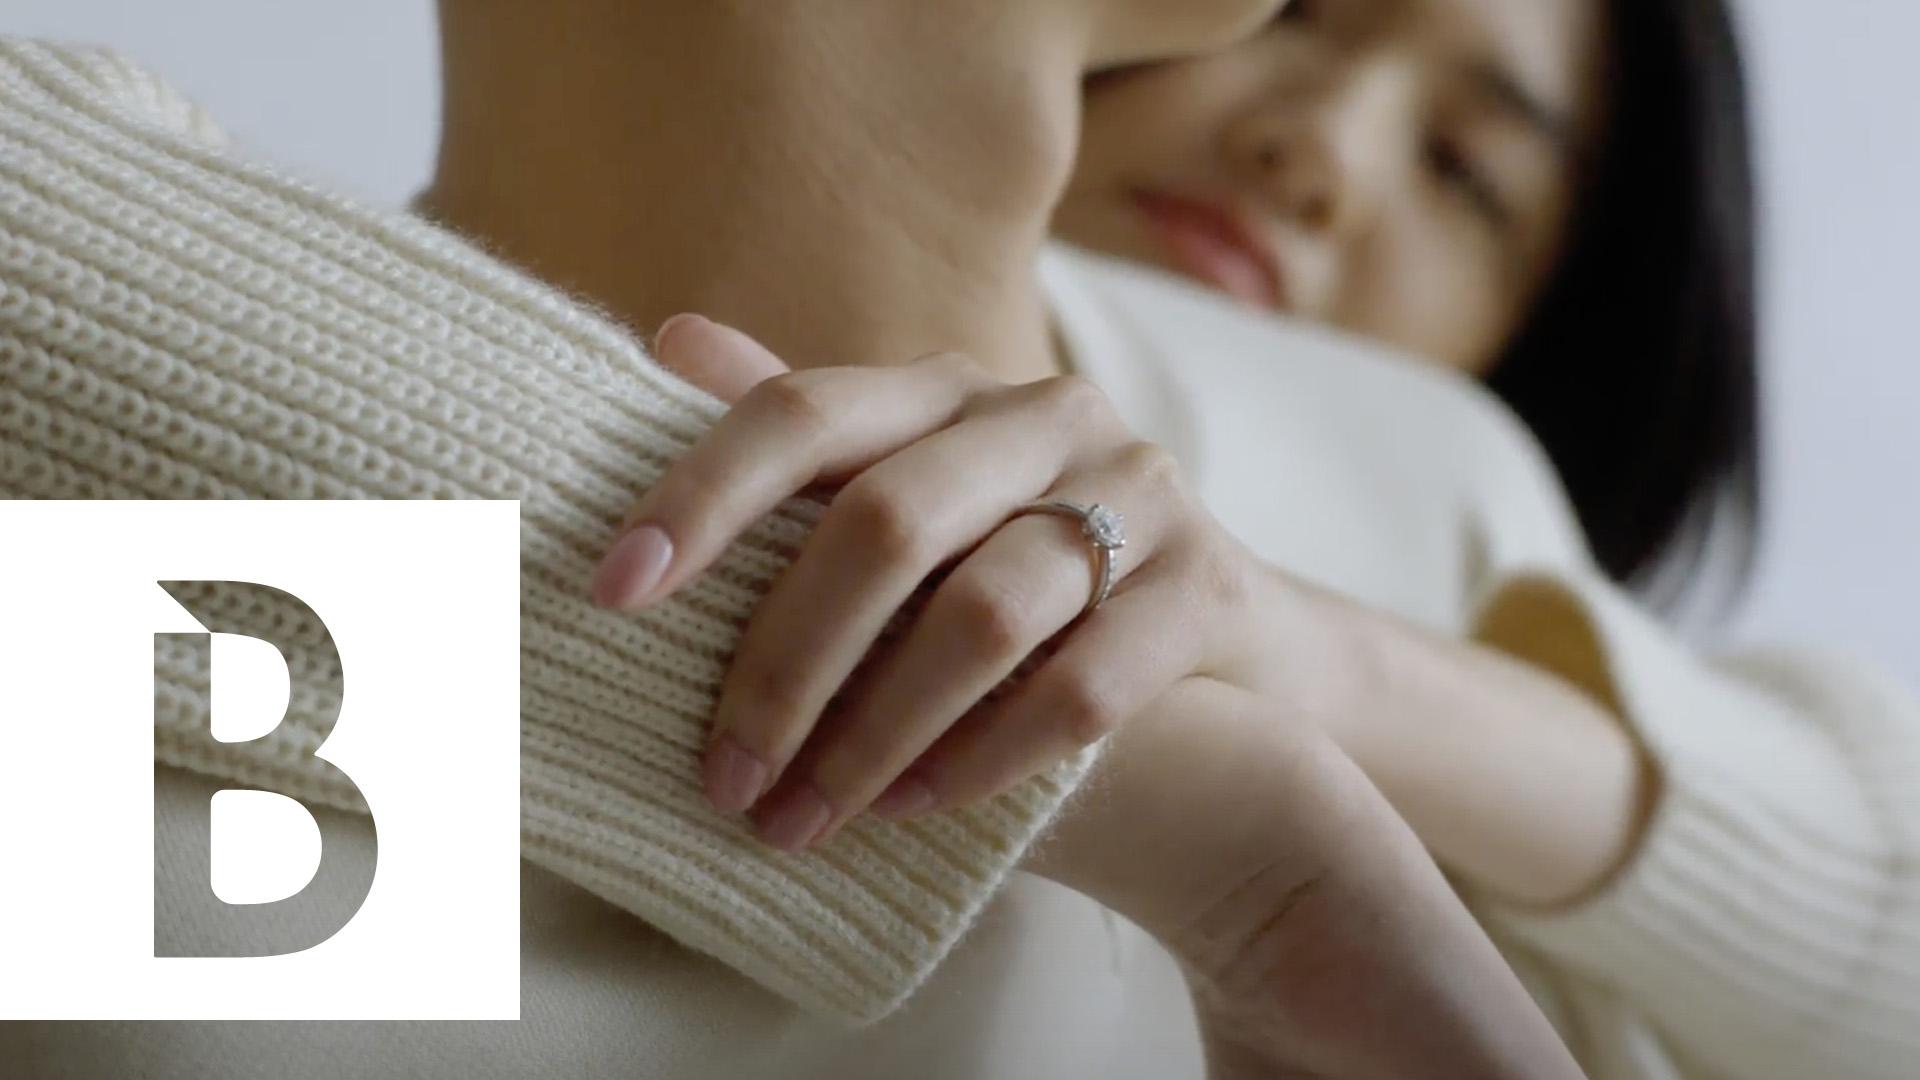 I-PRIMO鑽戒暗藏浪漫故事!「周年紀念戒」閃耀迷人光芒,見證每一段恆久愛情